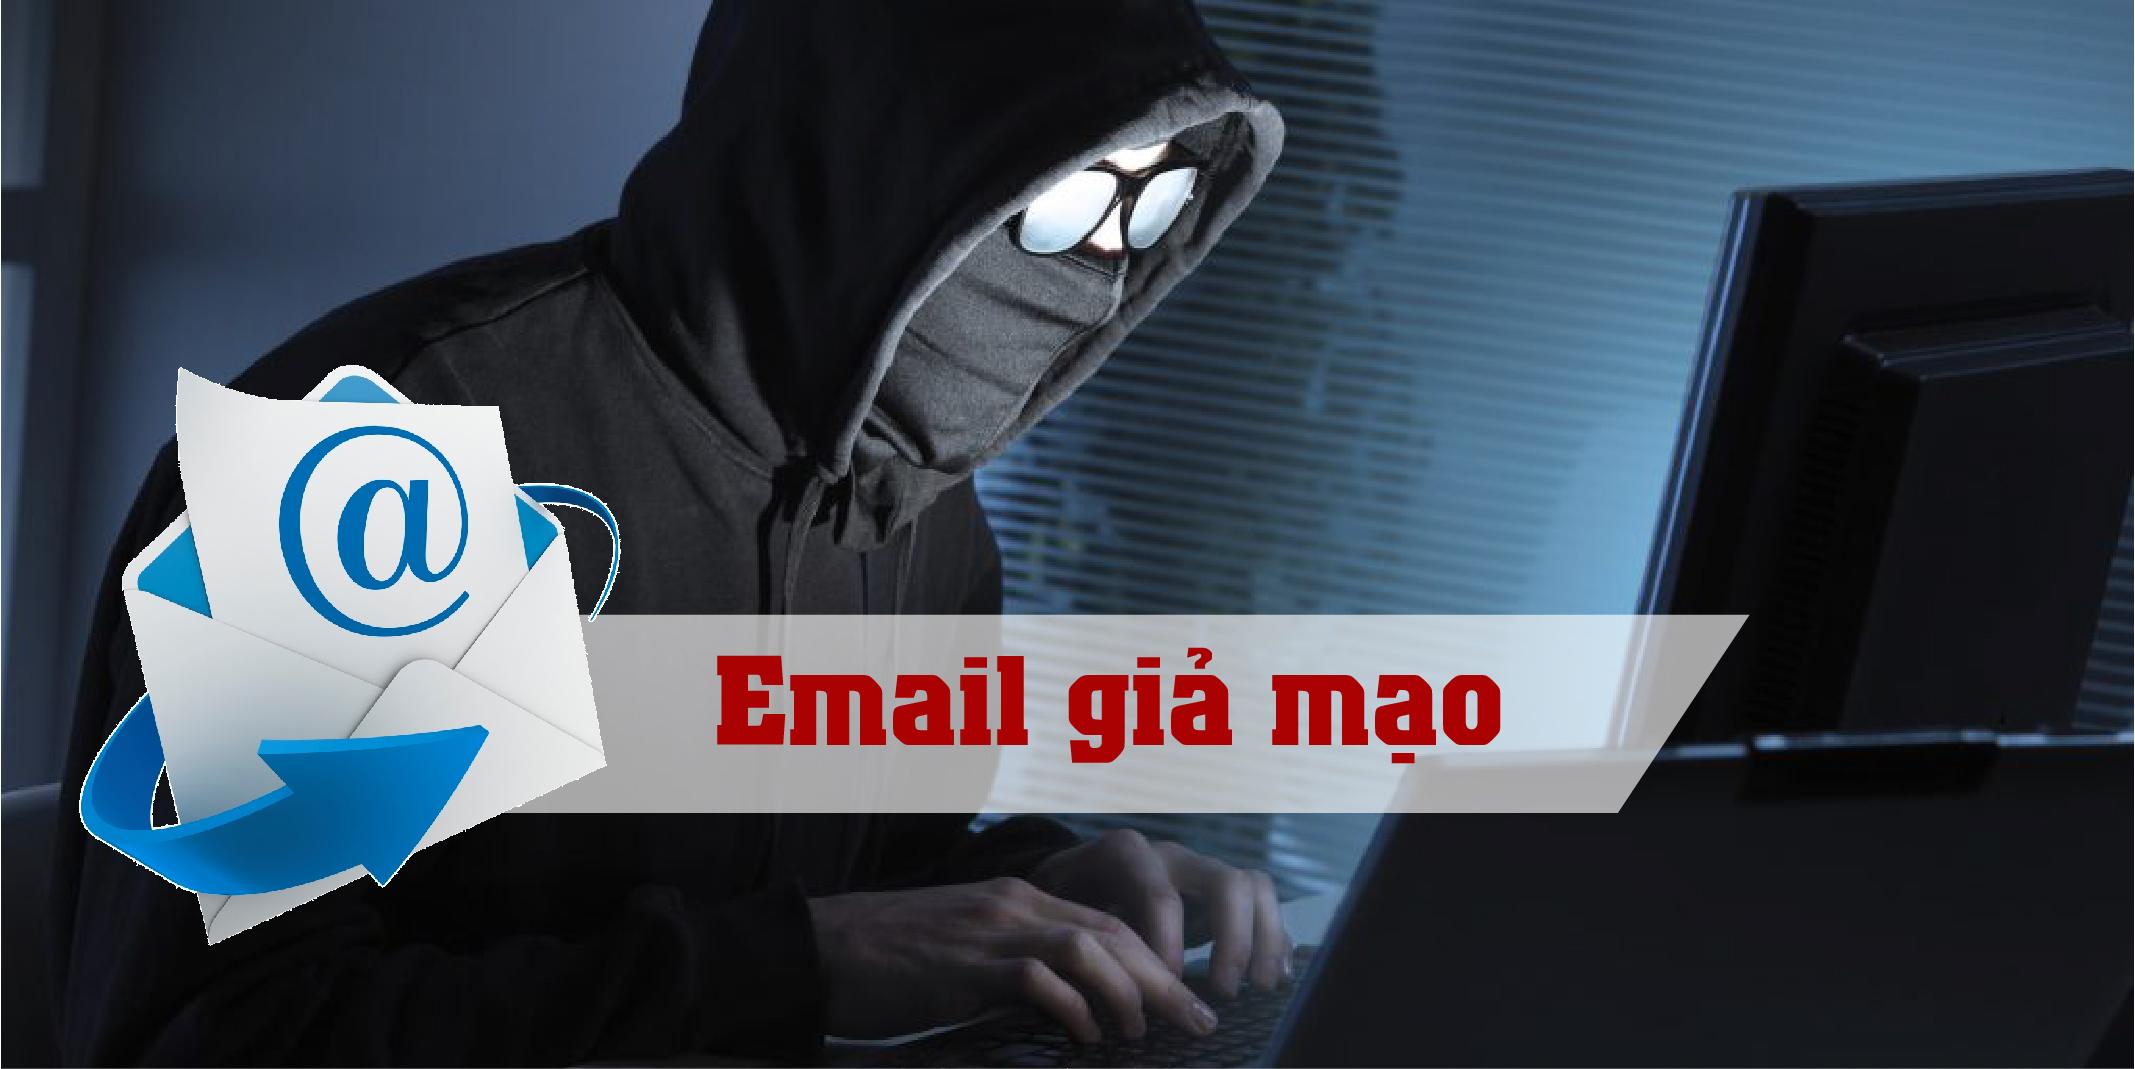 Email miễn phí và những nguy cơ tiềm ẩn cho doanh nghiệp - Ảnh 1.